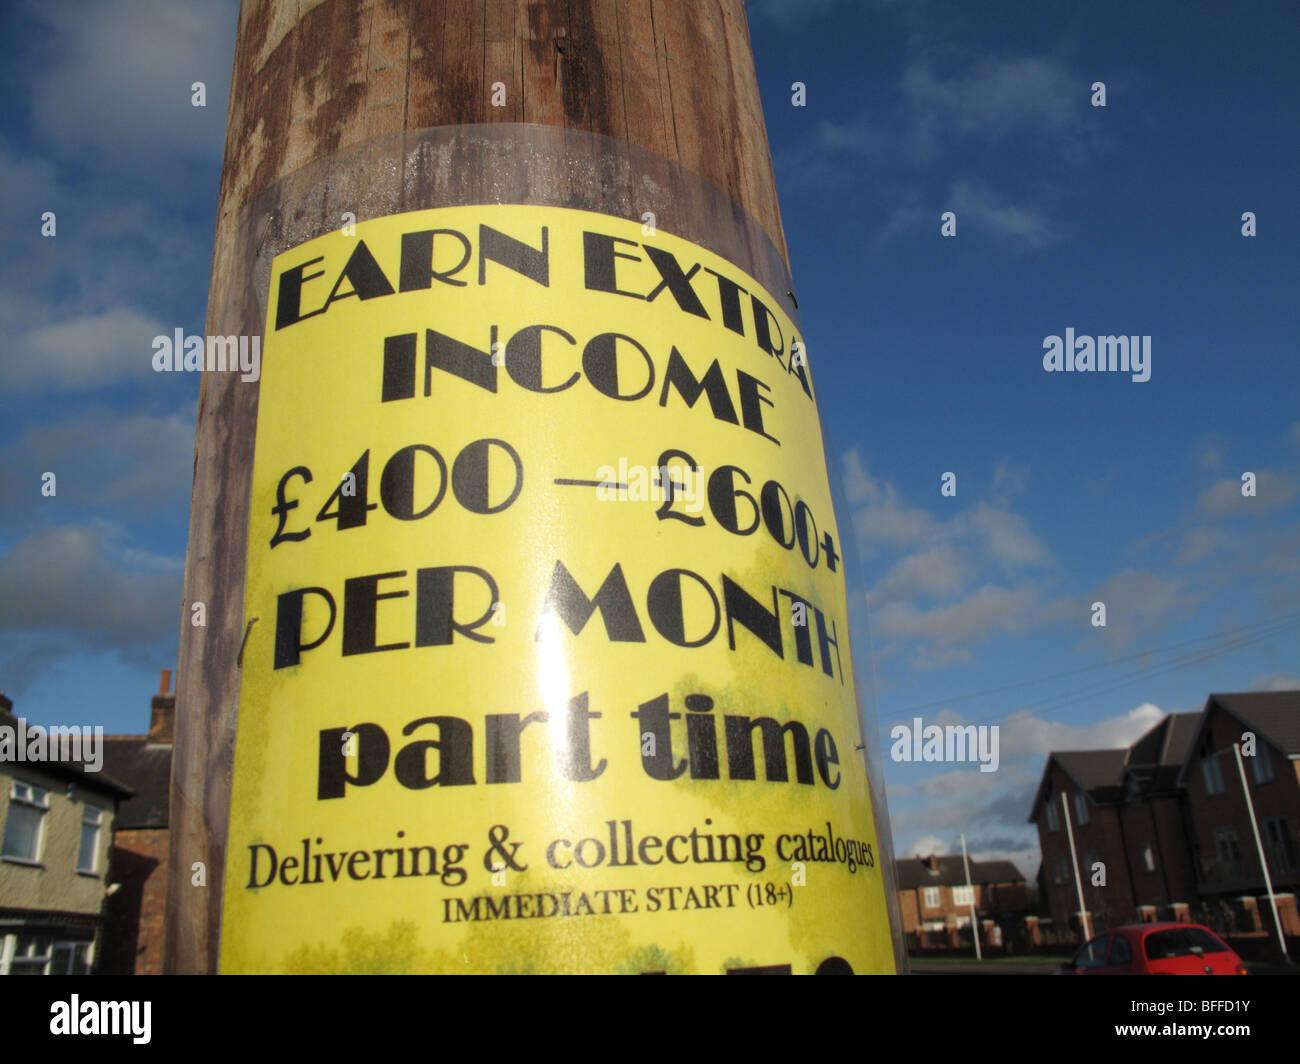 Ein verdienen Nebeneinkommen Schild am Straßenrand in einer Stadt, U.K. Stockbild